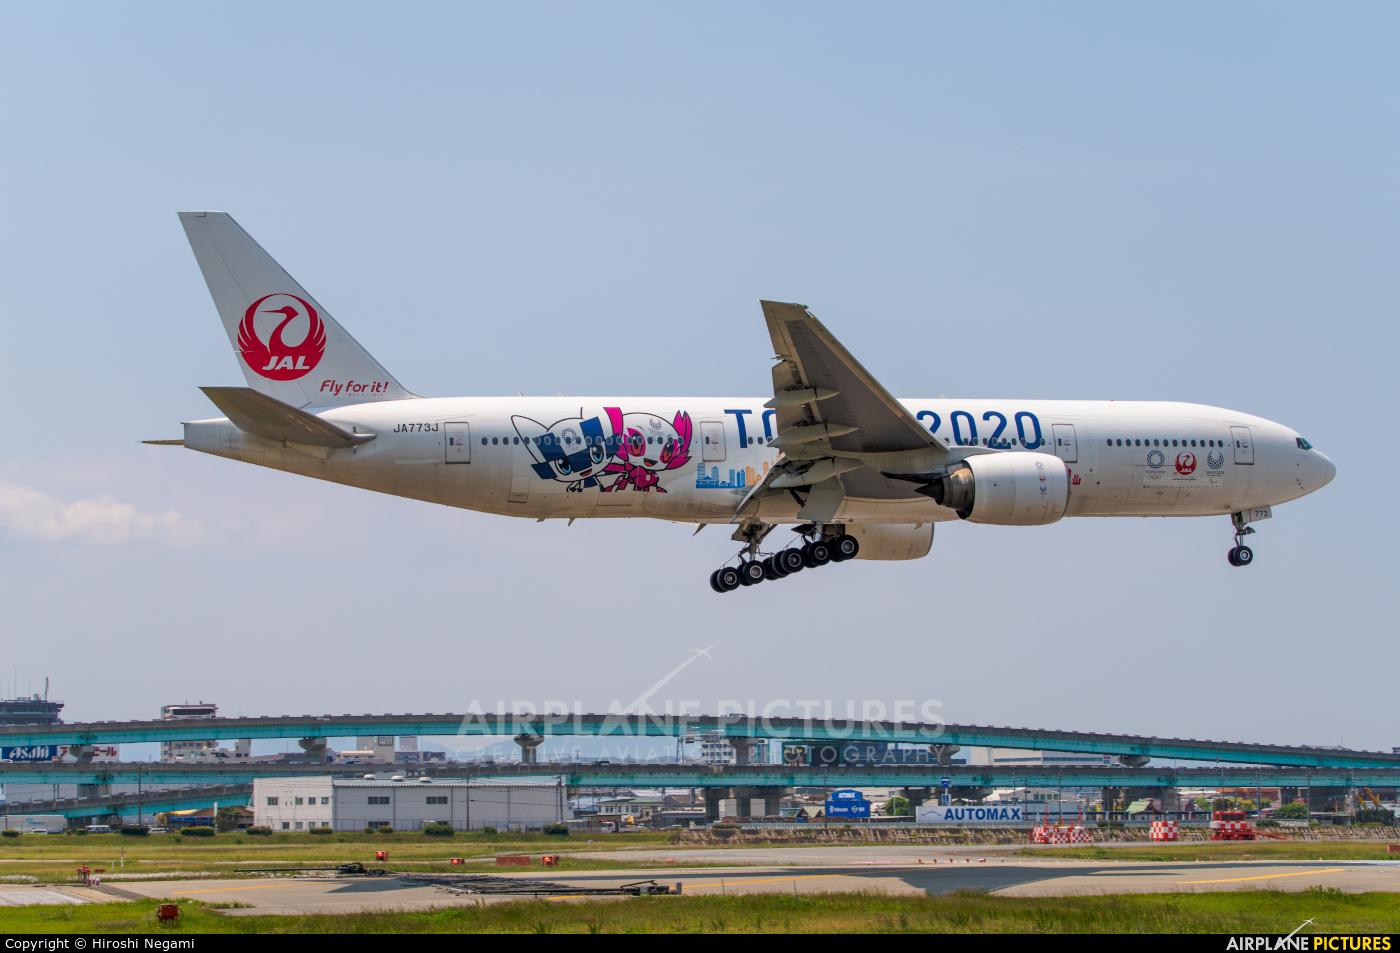 JAL - Japan Airlines JA773J aircraft at Fukuoka